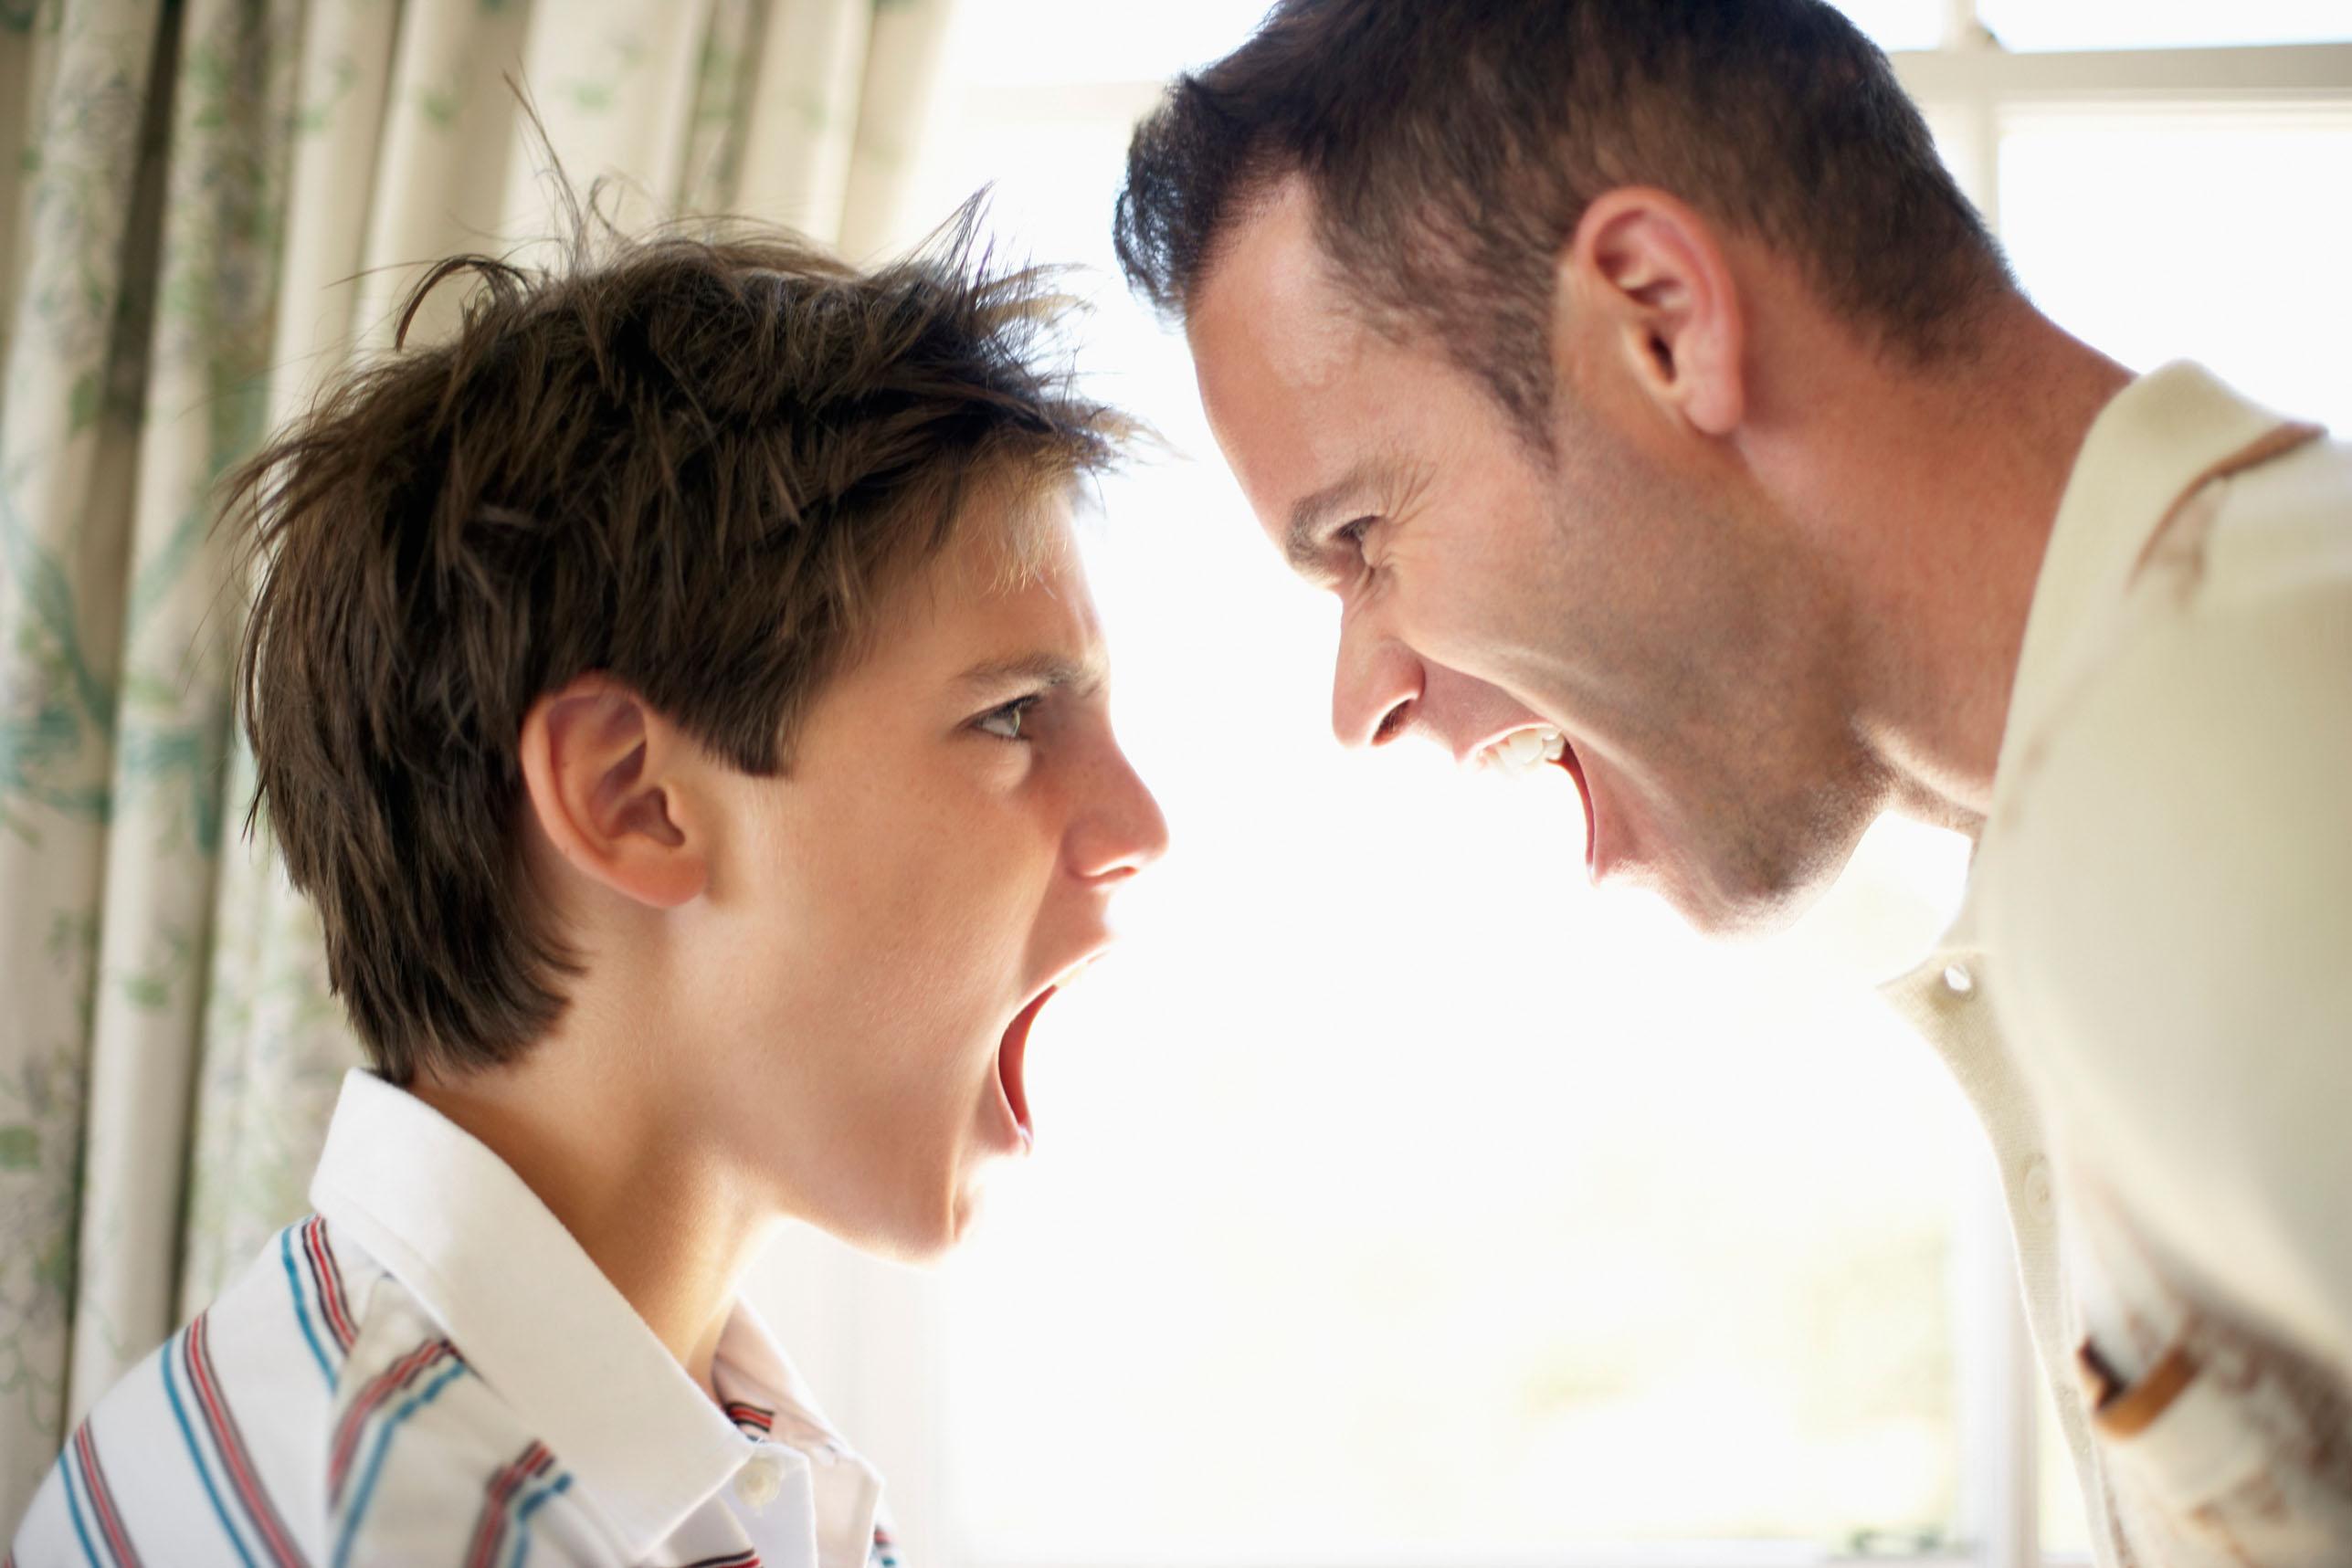 как справиться с неприятным запахом изо рта